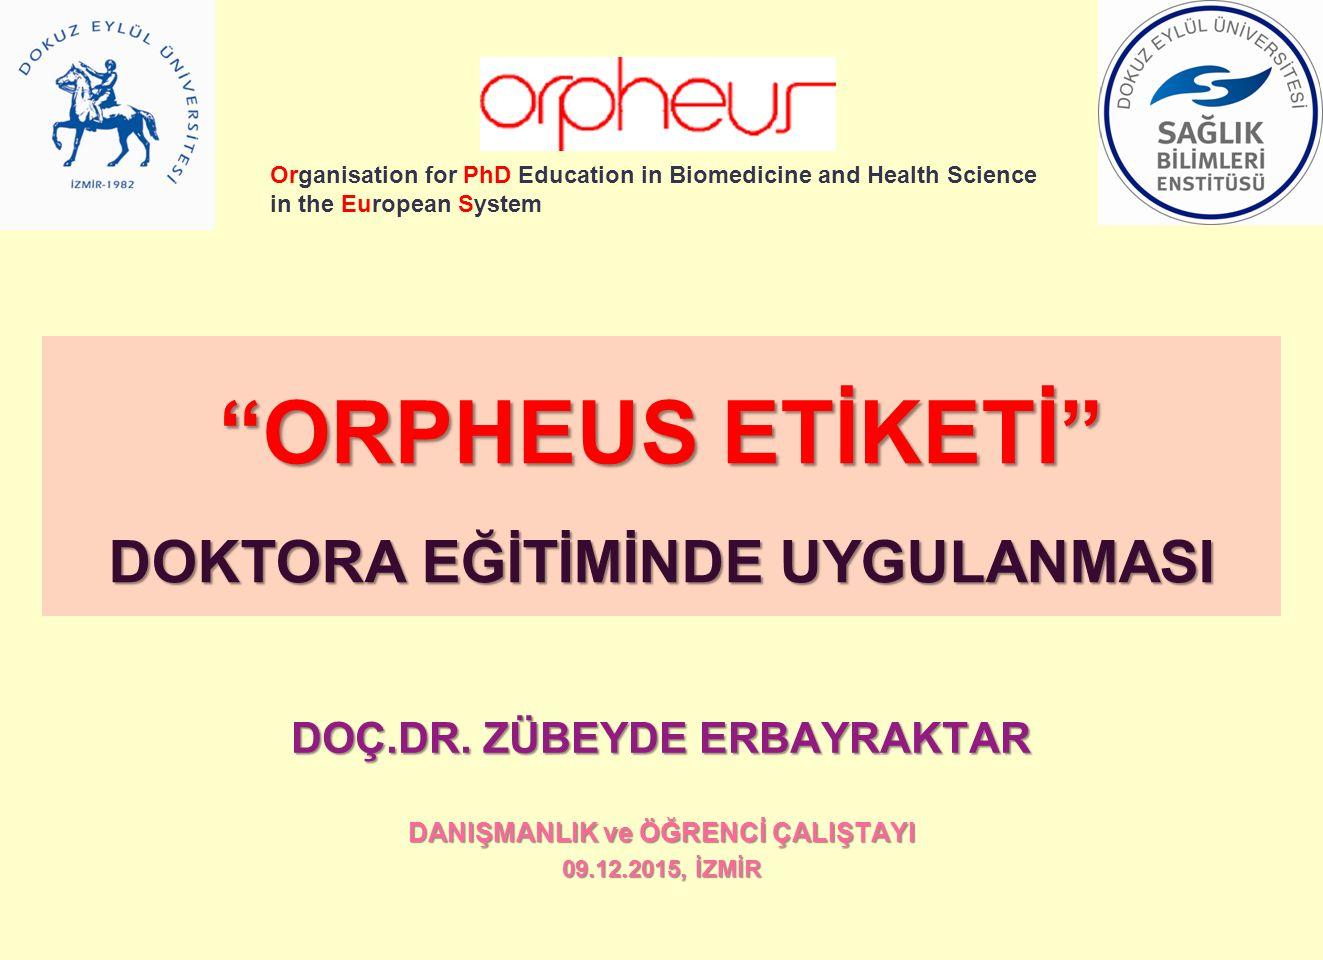 ORPHEUS ETİKETİ DOKTORA EĞİTİMİNDE UYGULANMASI